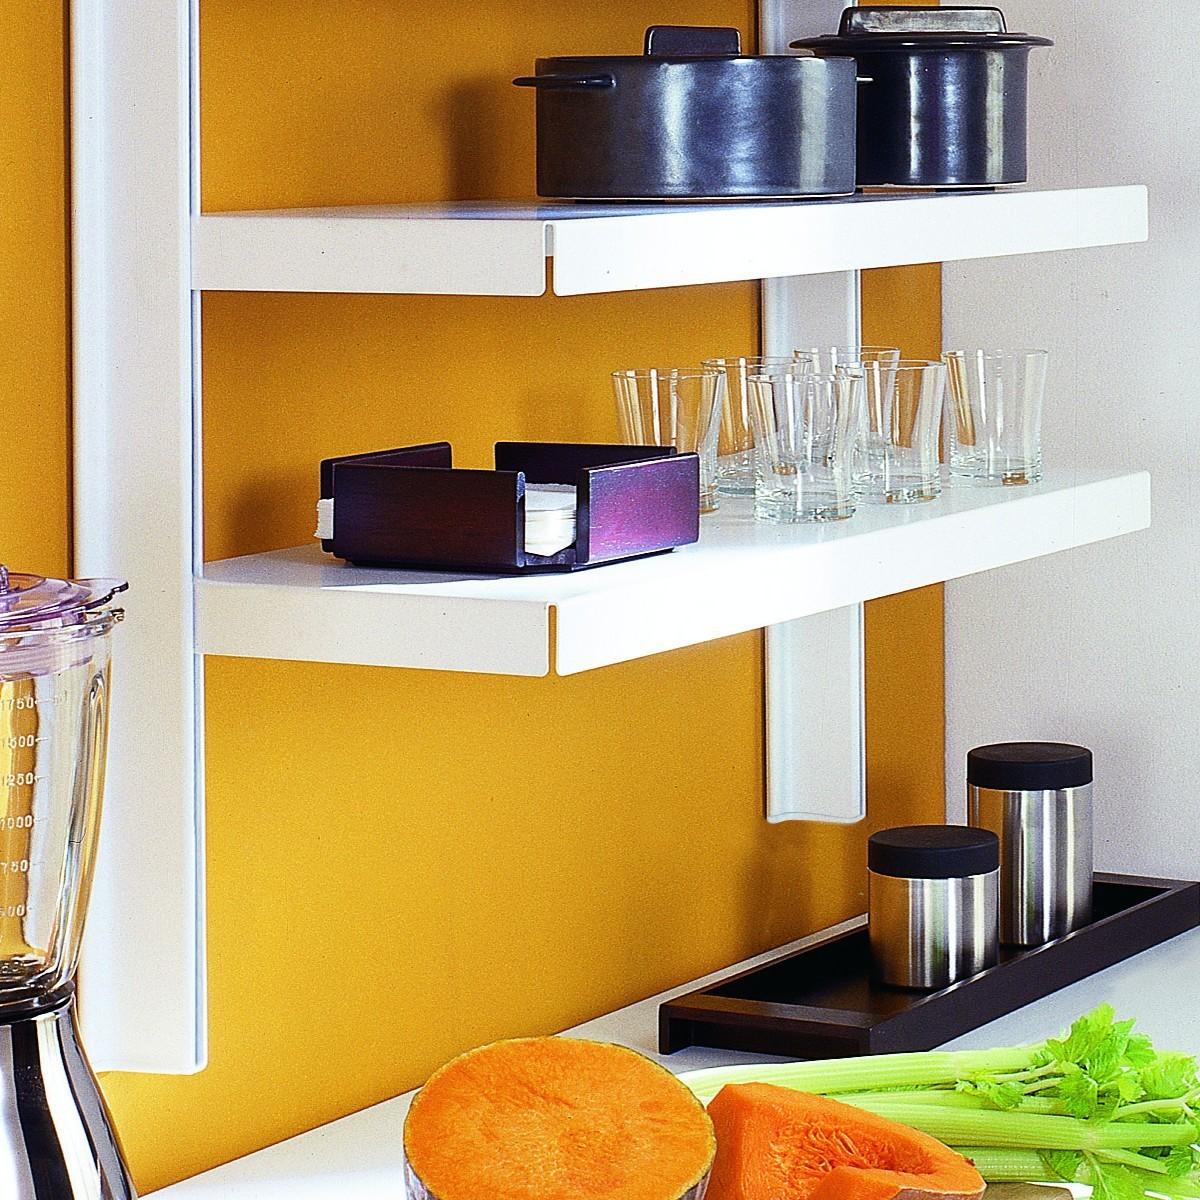 Scaffale da parete declan in acciaio bianco 85 x 32 x h106 cm - Scaffale cucina ...